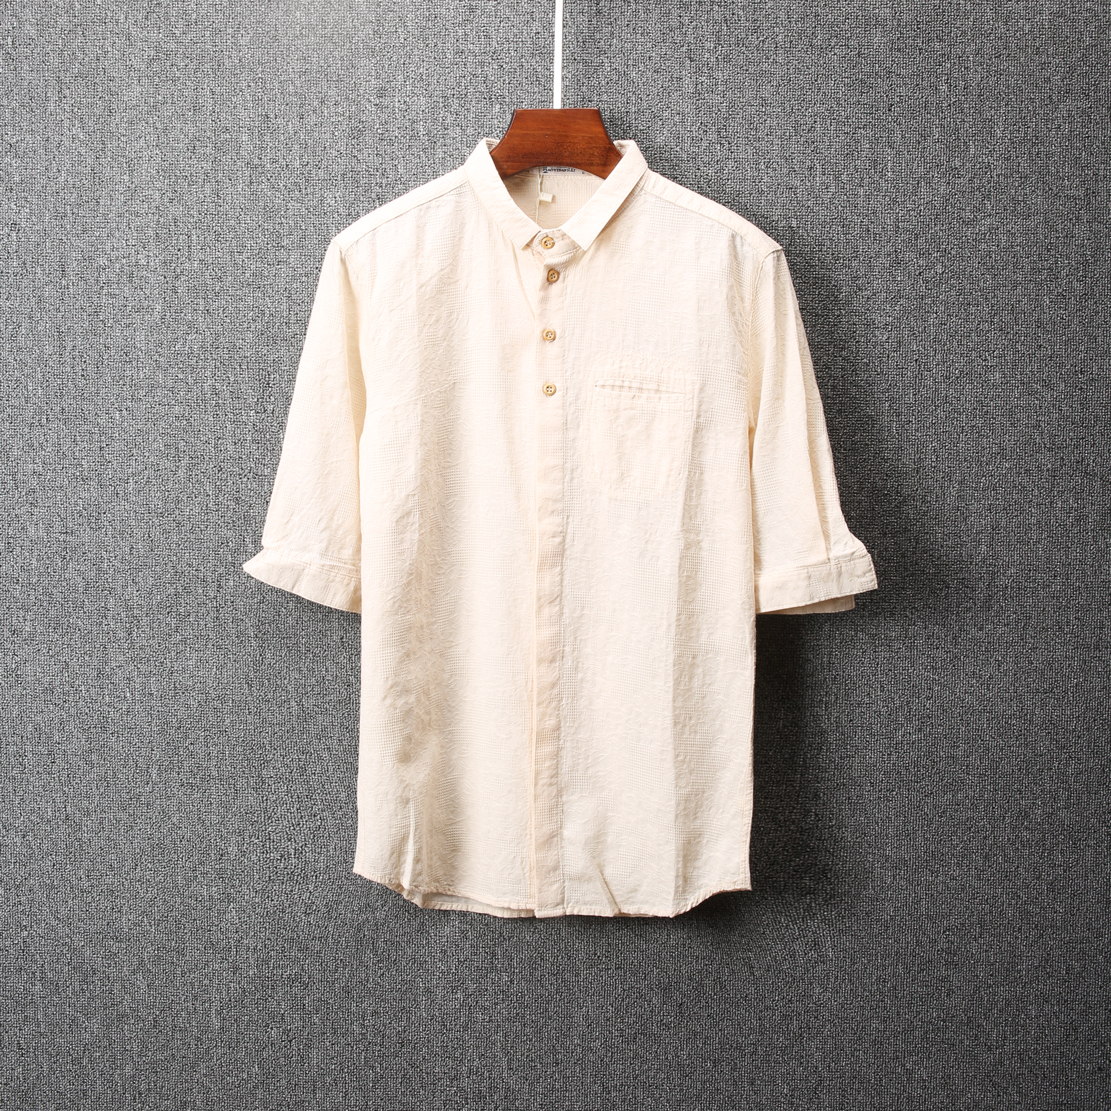 男士修身衬衫 2017夏季新款男士潮流短袖衬衫修身青年薄款翻领衬衣休闲寸衫1536_推荐淘宝好看的男修身衬衫